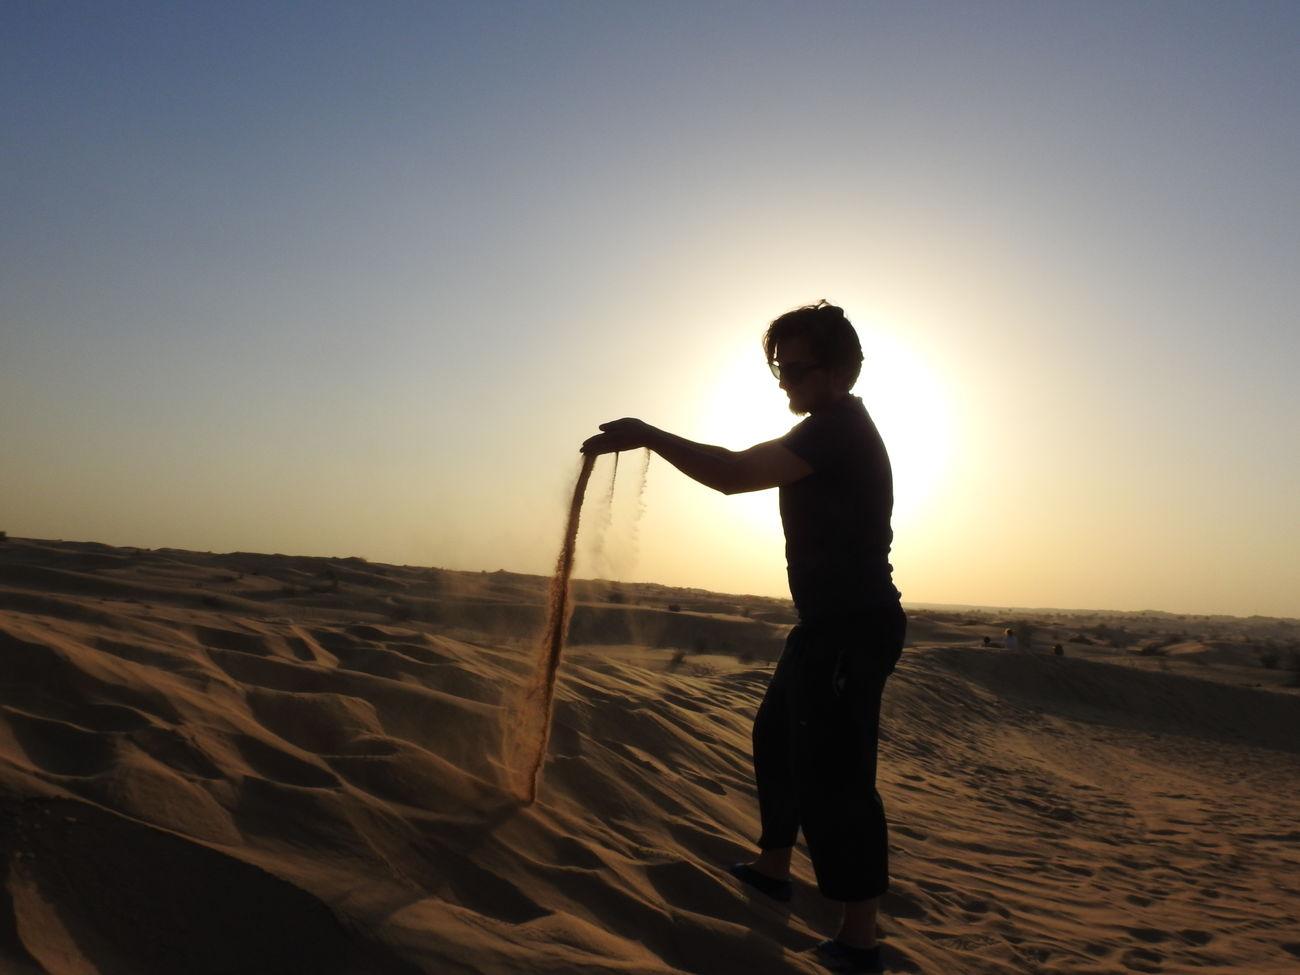 Dubai Sunset Sand Desert Sky Sand Dune Nature Sunlight